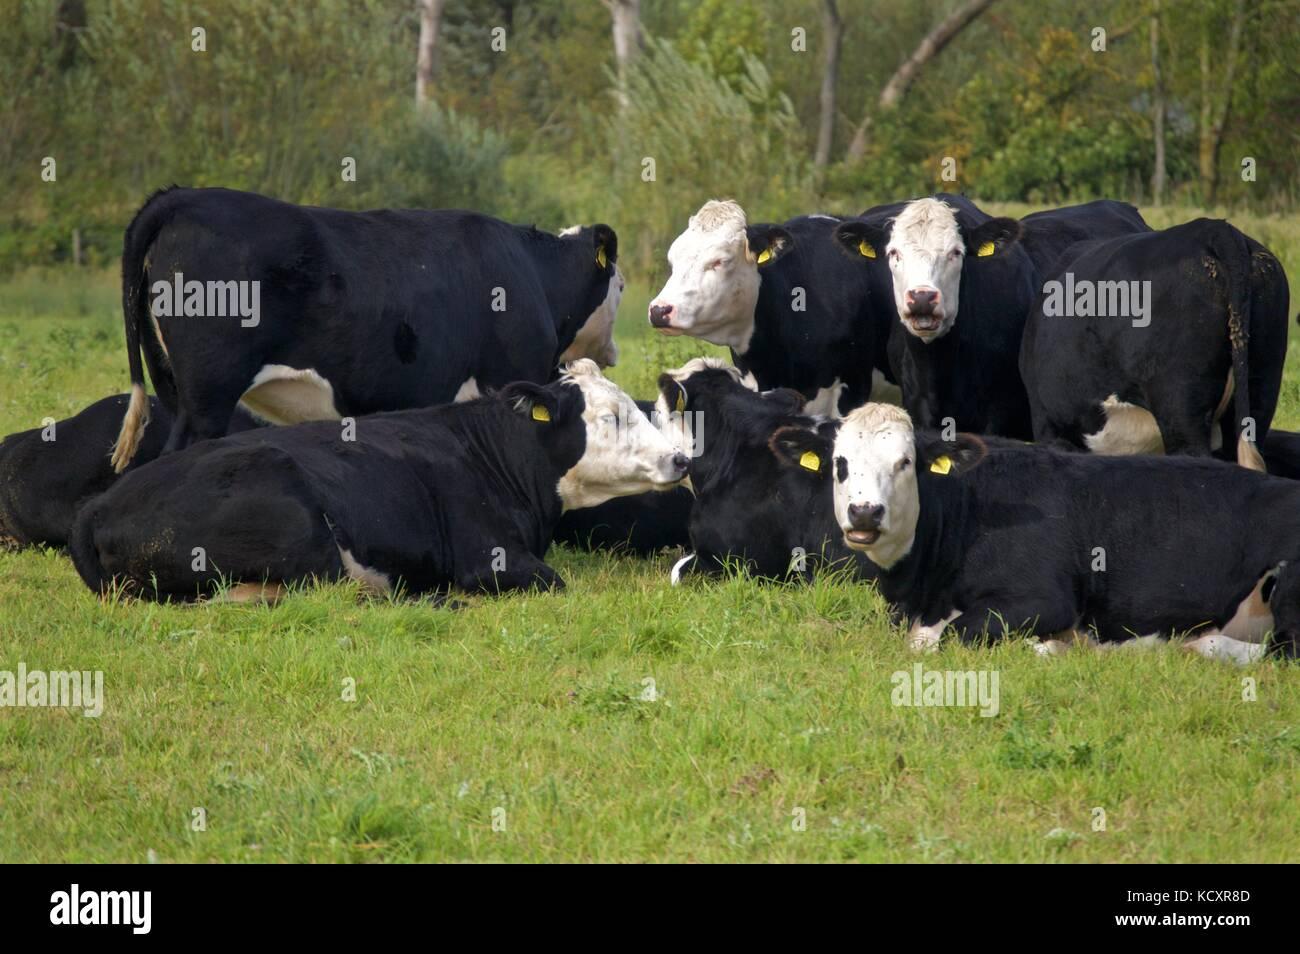 Black Hereford cattle, Wilstone Reservoir, Tring - Stock Image